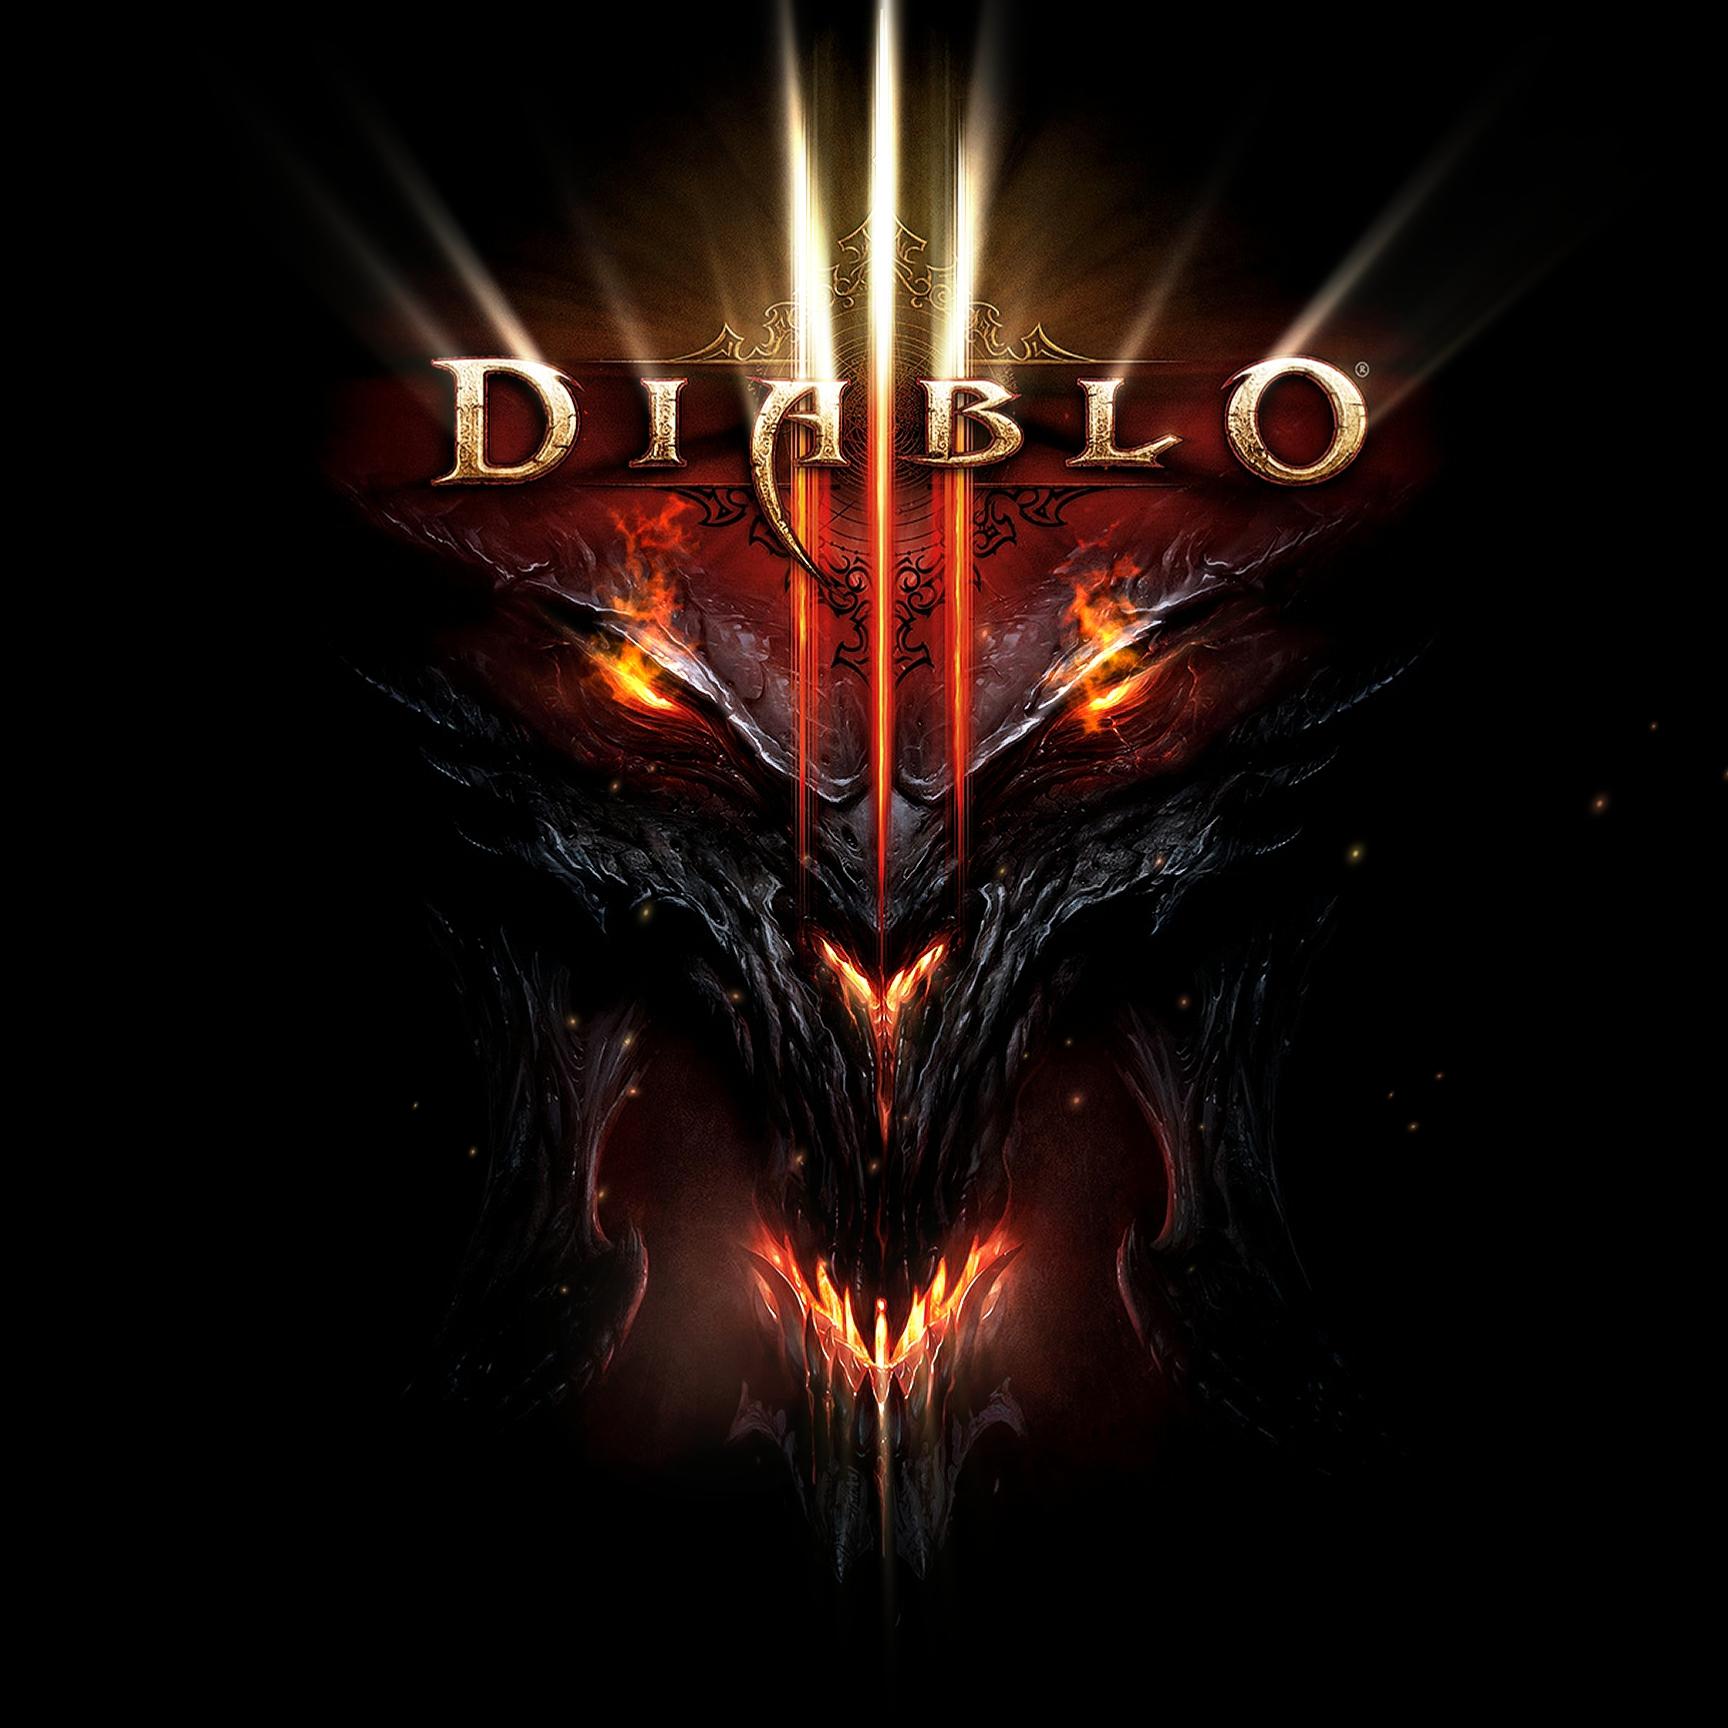 Steam Workshop 4k Animated Pubg Wallpaper: Steam Workshop :: Diablo 3 Animated Wallpaper 4K